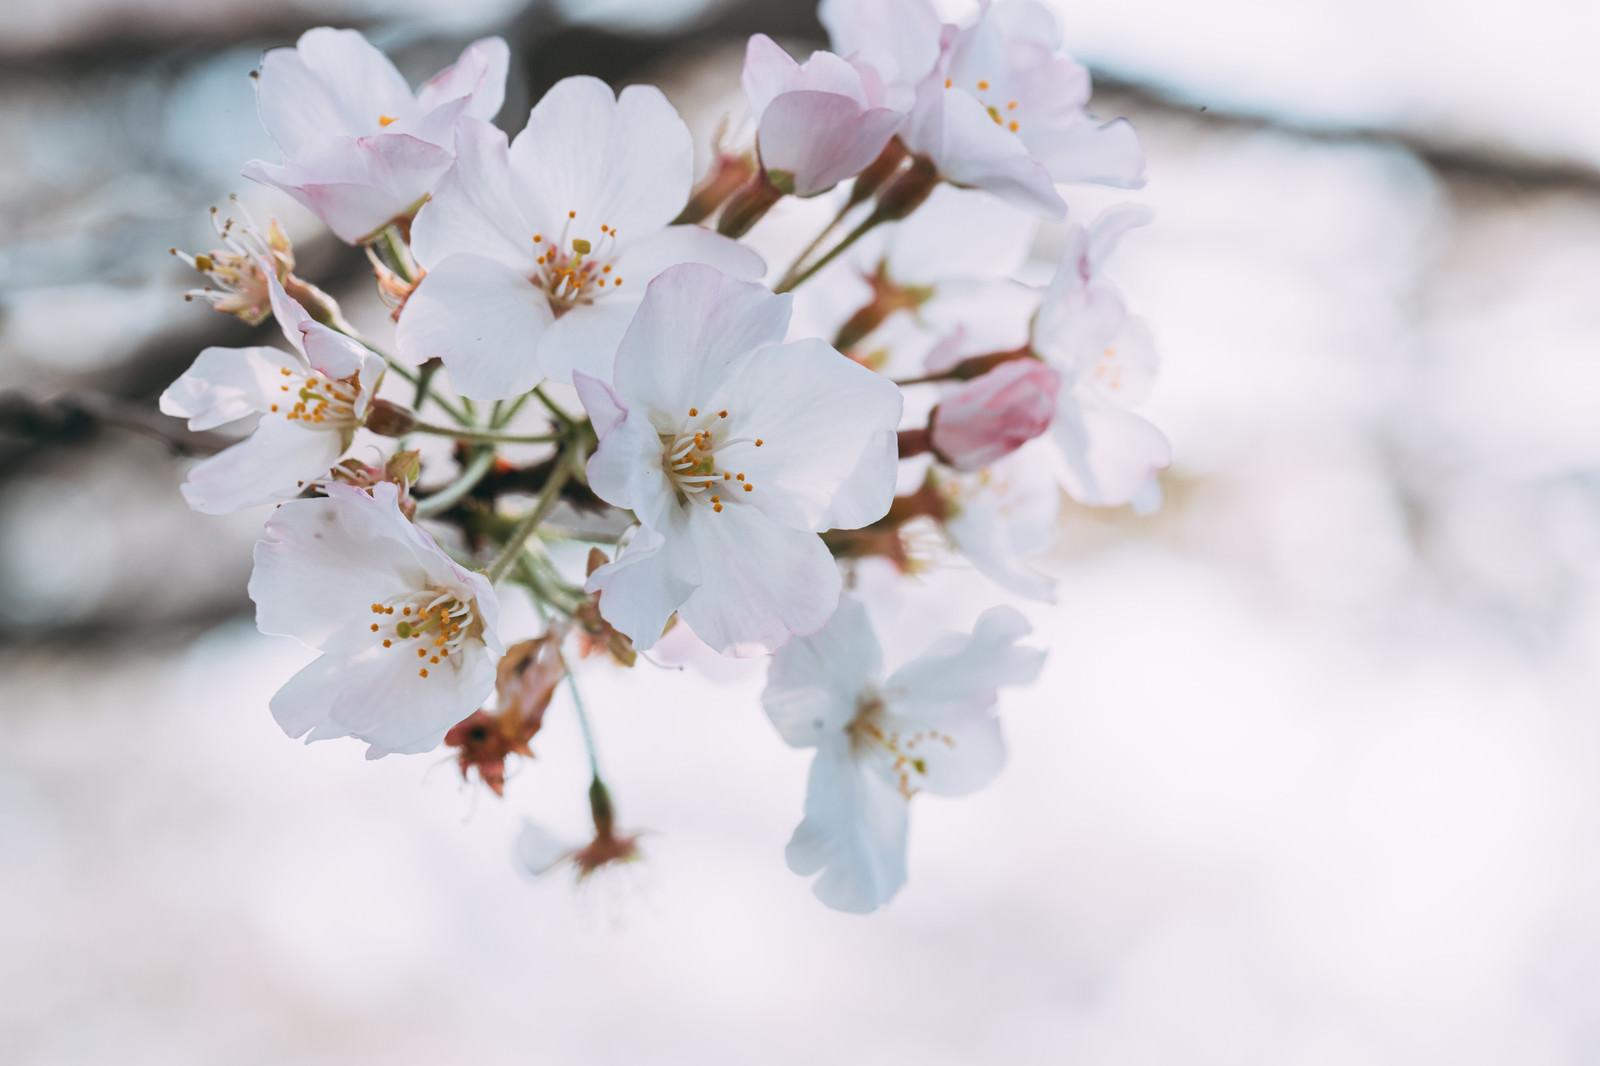 「桜の花開く」の写真